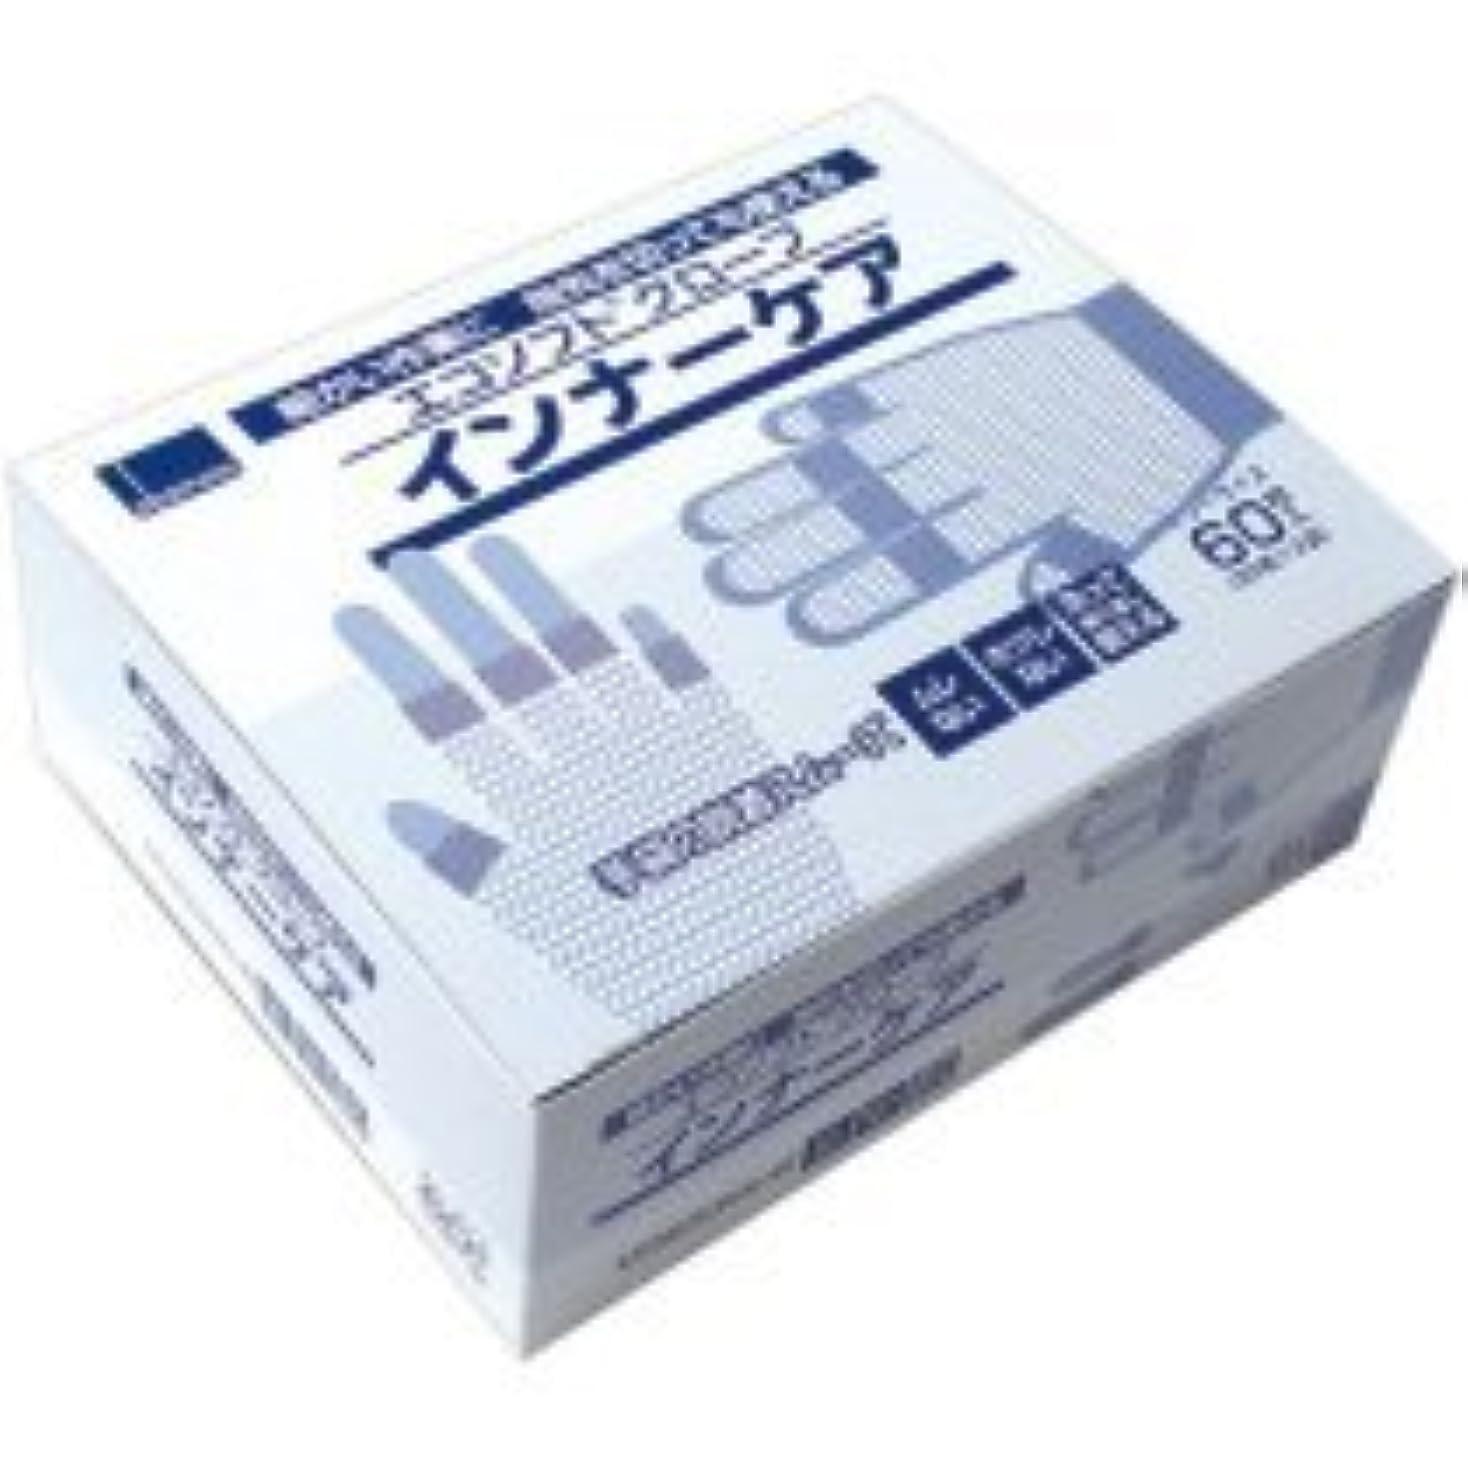 有能な慎重にホームエコソフトグローブインナーケア OM-920(???)60???? オカモト